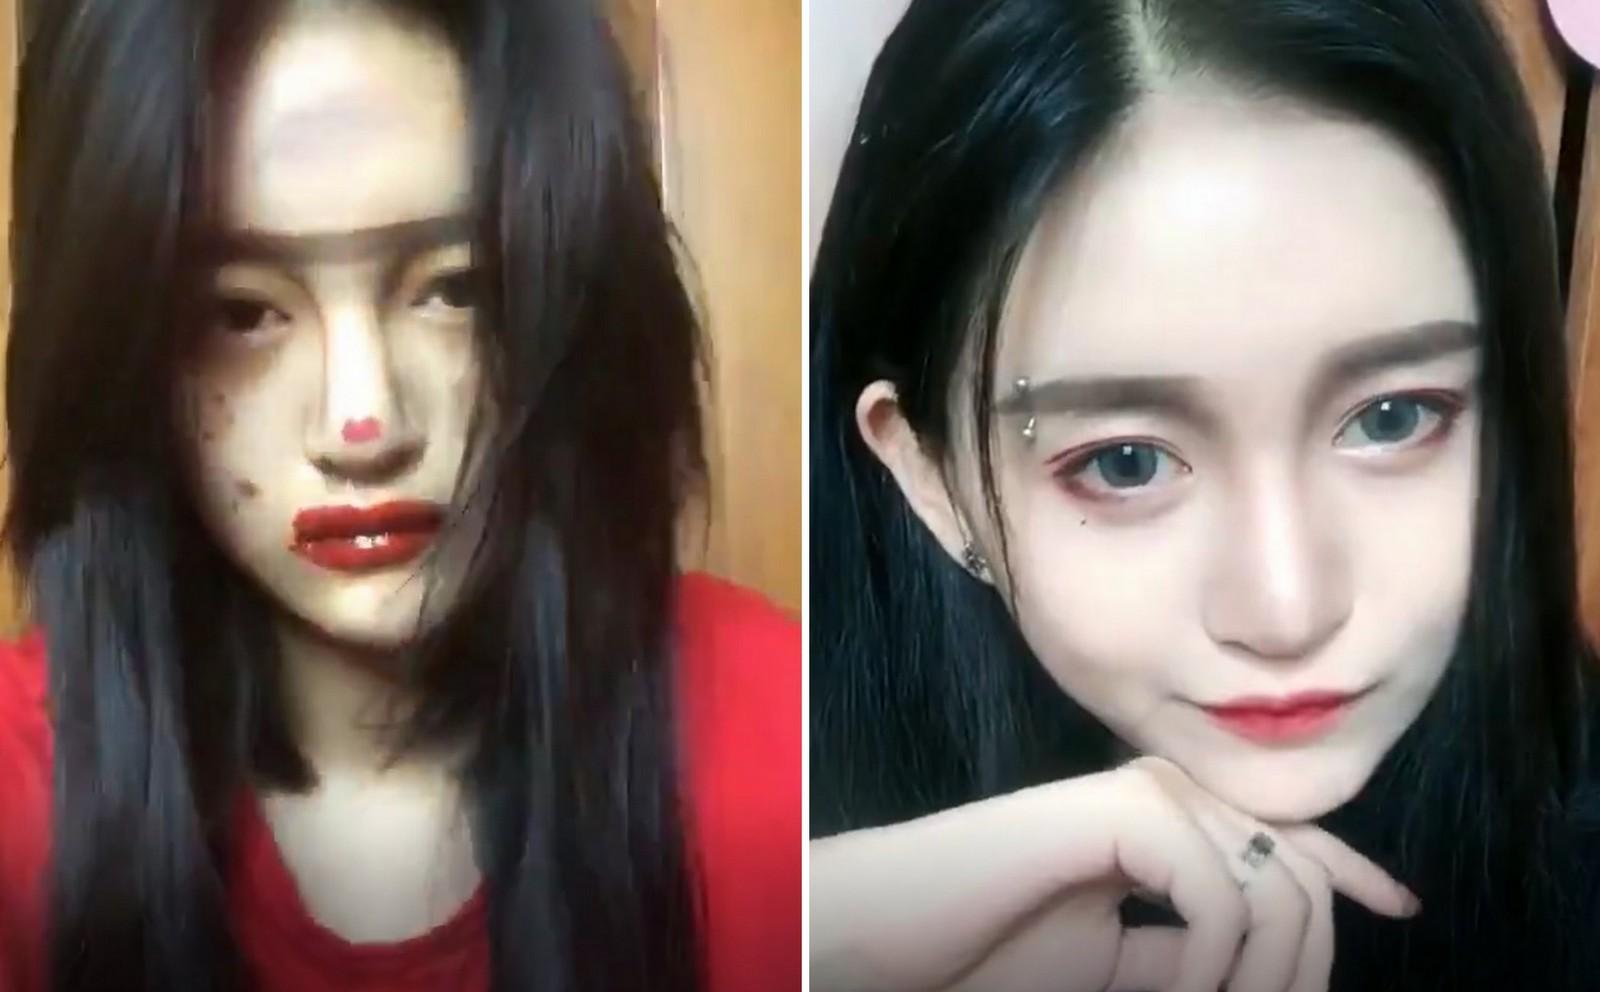 Lột xác từ xấu thành xinh trong 16s: Loạt clip của các hot girl Trung Quốc đang càn quét khắp Facebook - Ảnh 6.